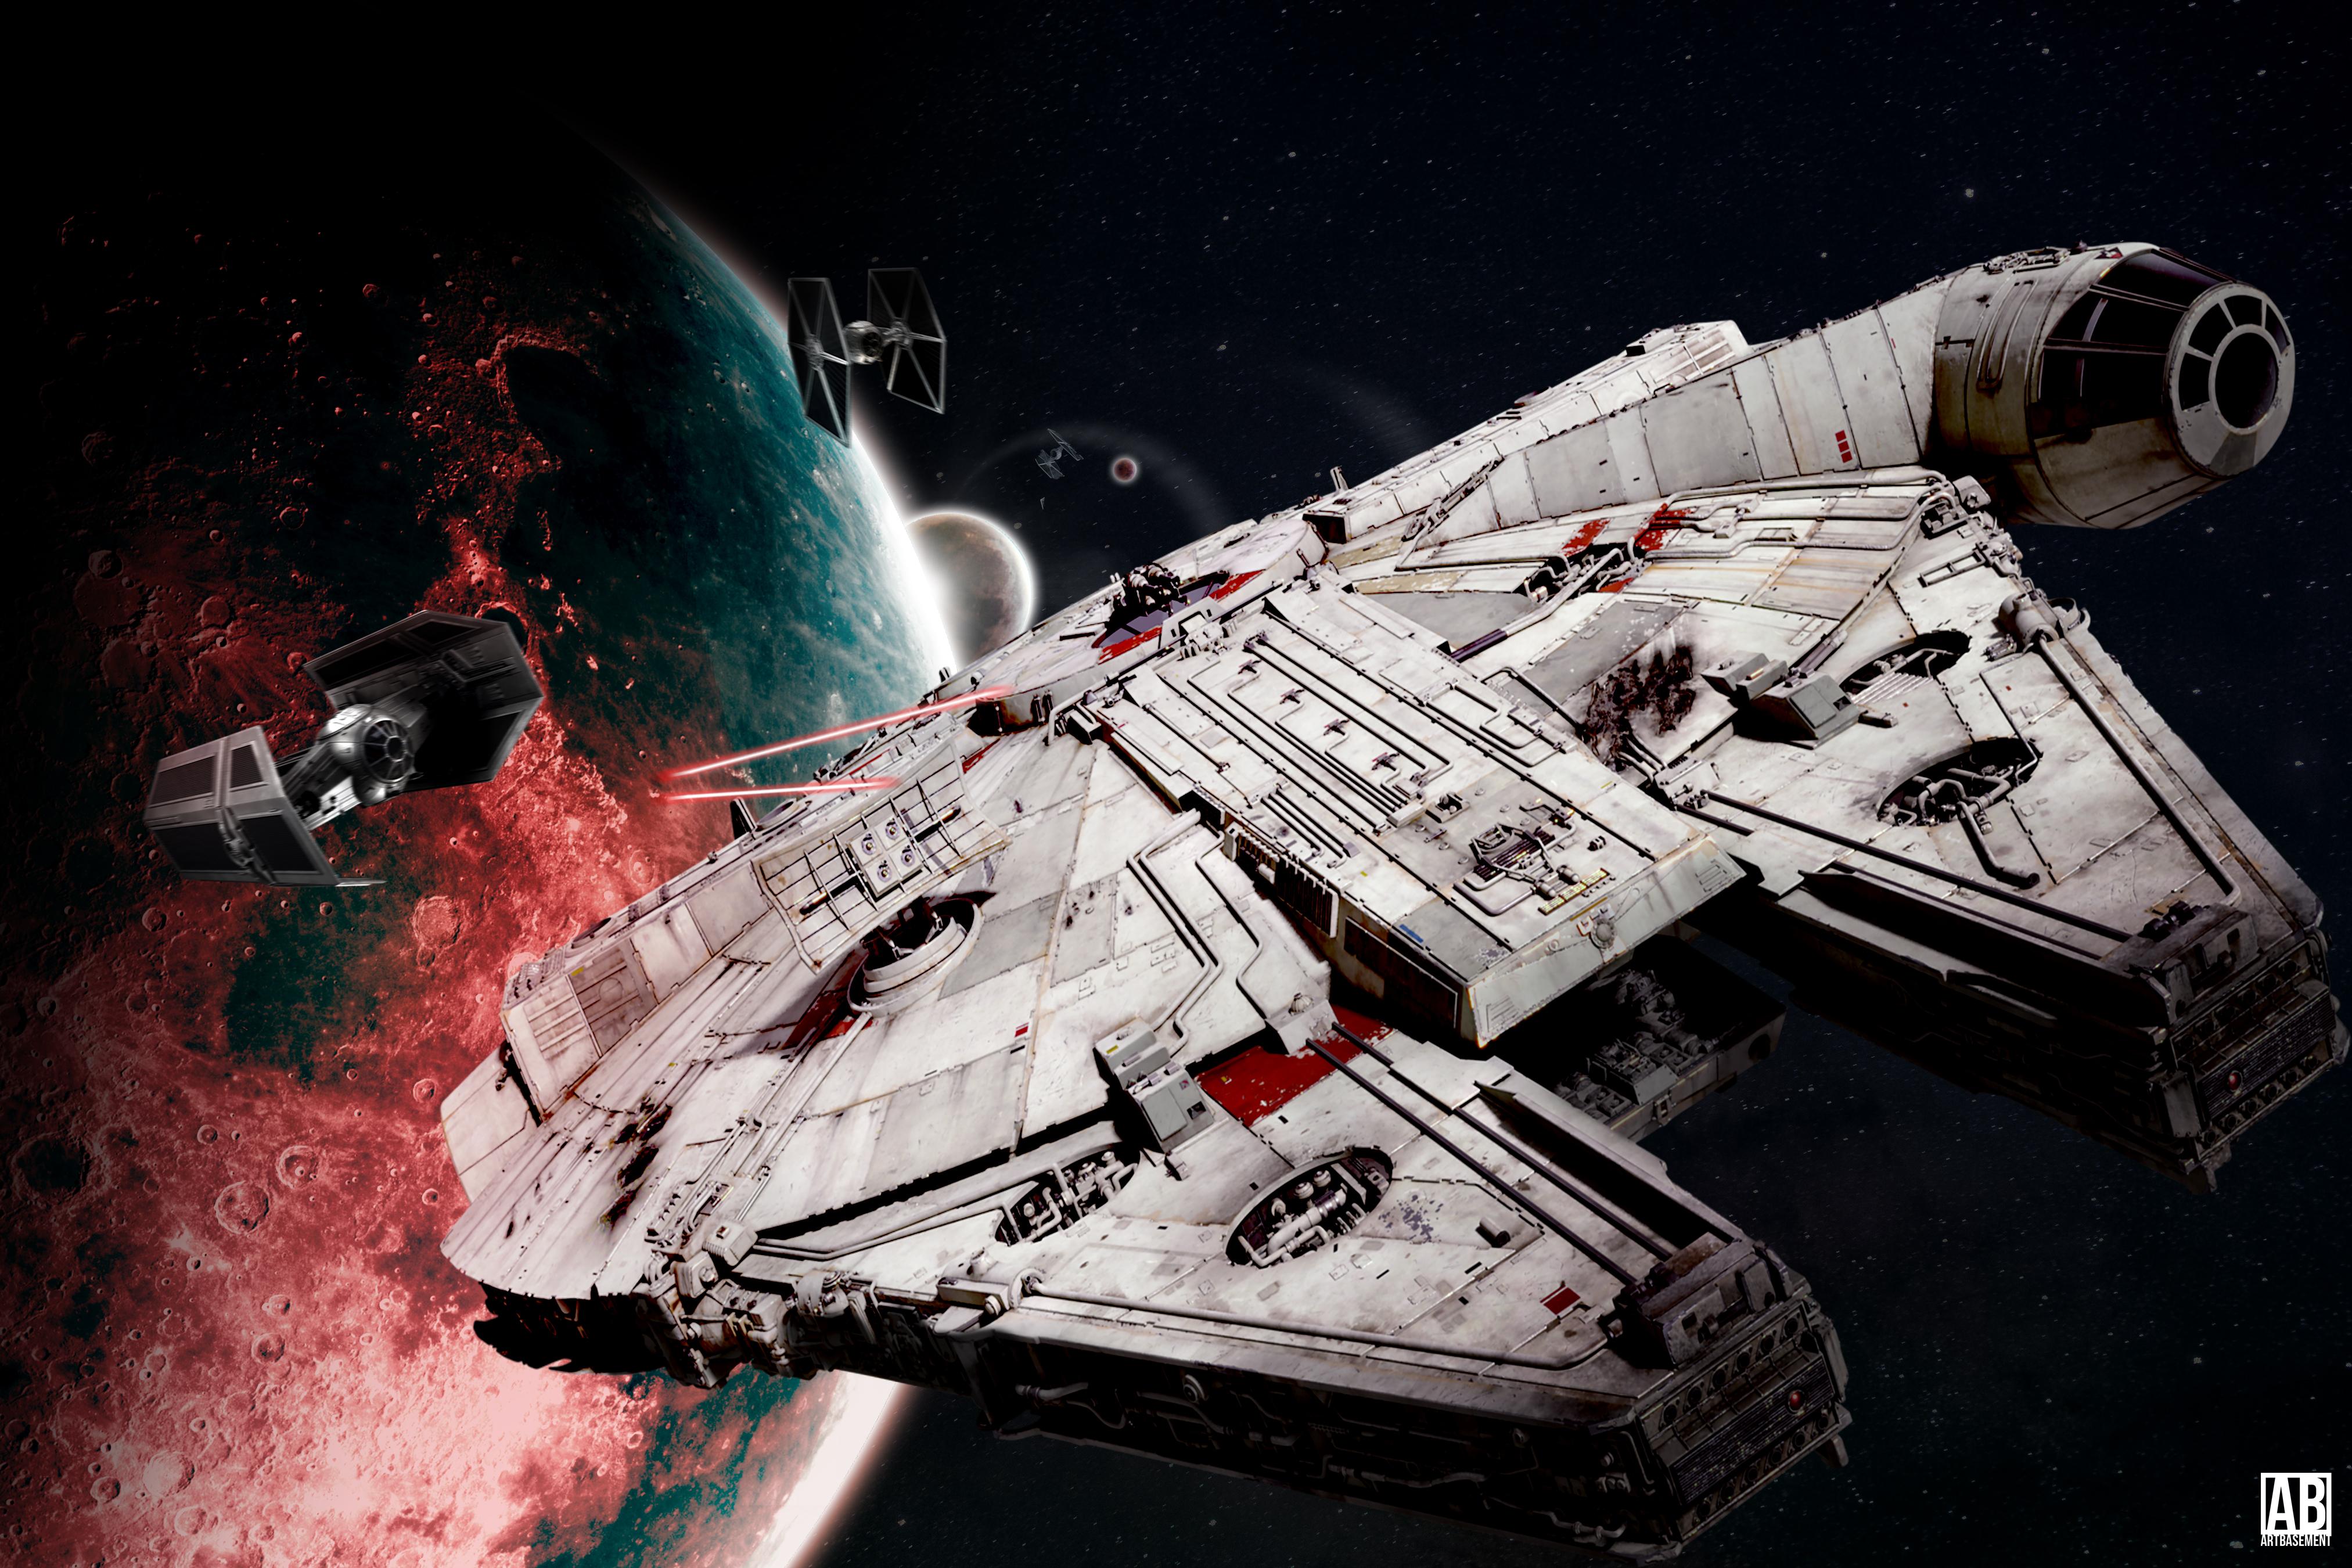 Millennium Falcon Escaping - Wallpaper